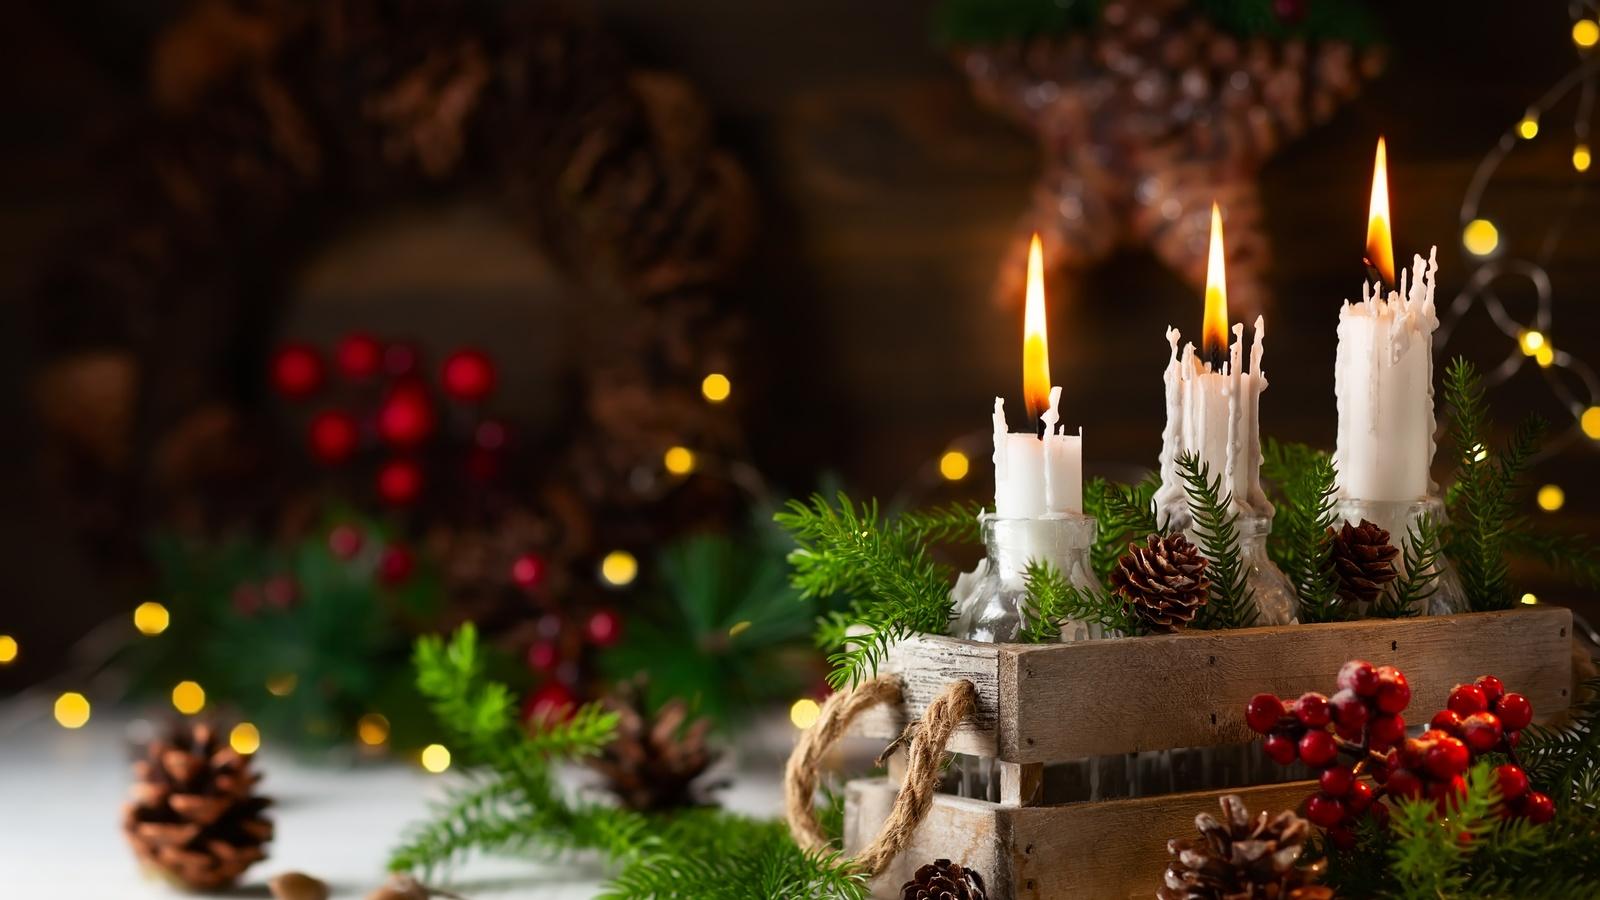 праздник, новый год, рождество, декорация, ящик, свечи, шишки, ветки, ёлка, хвоя, ягоды, боке, лампочки, гирлянда, композиция